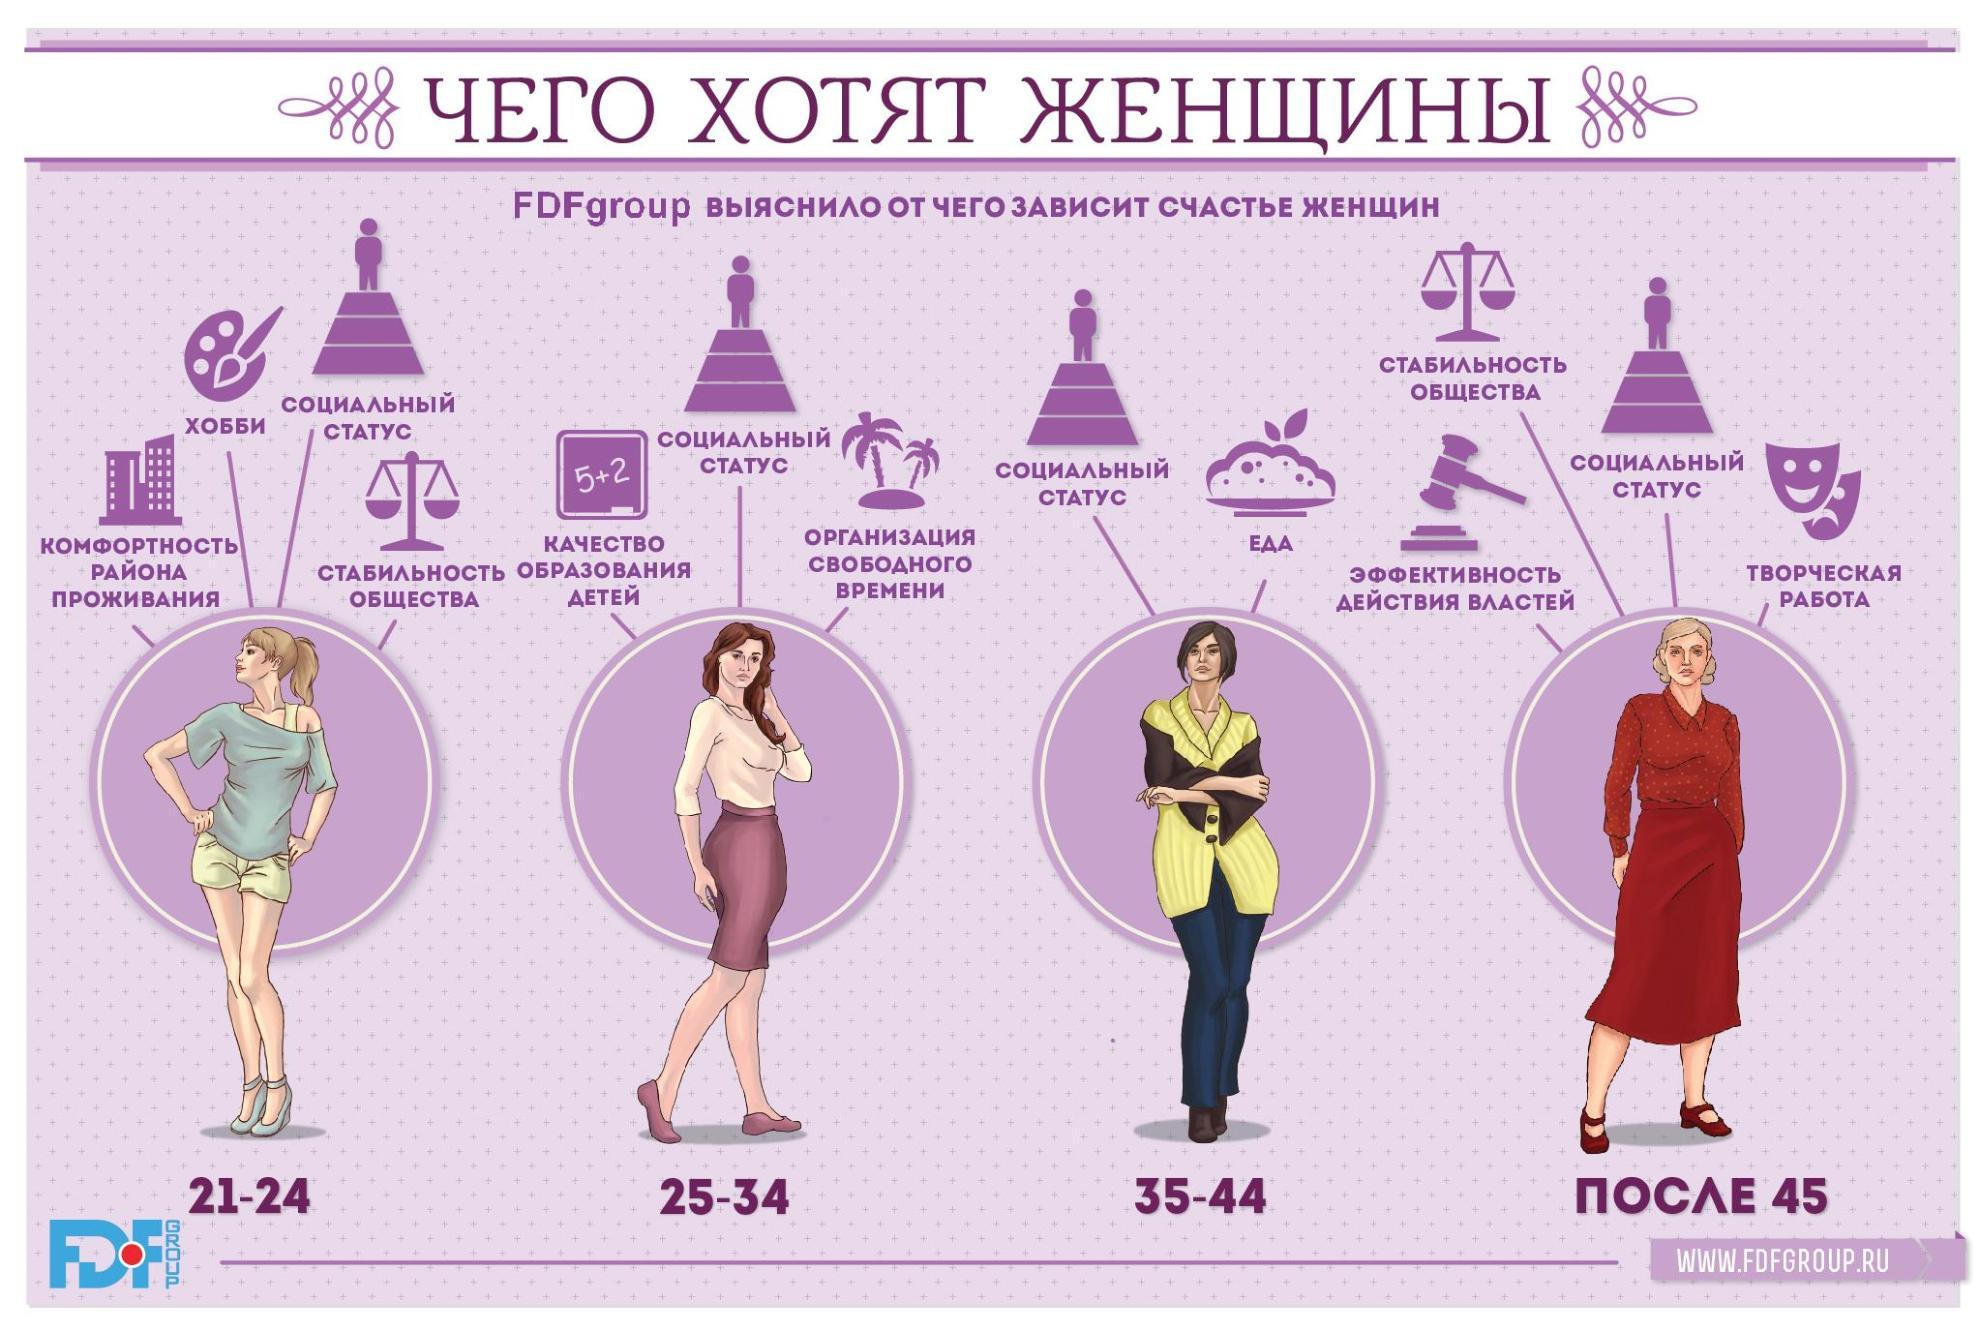 issledovaniya-po-zhenskoy-seksualnosti